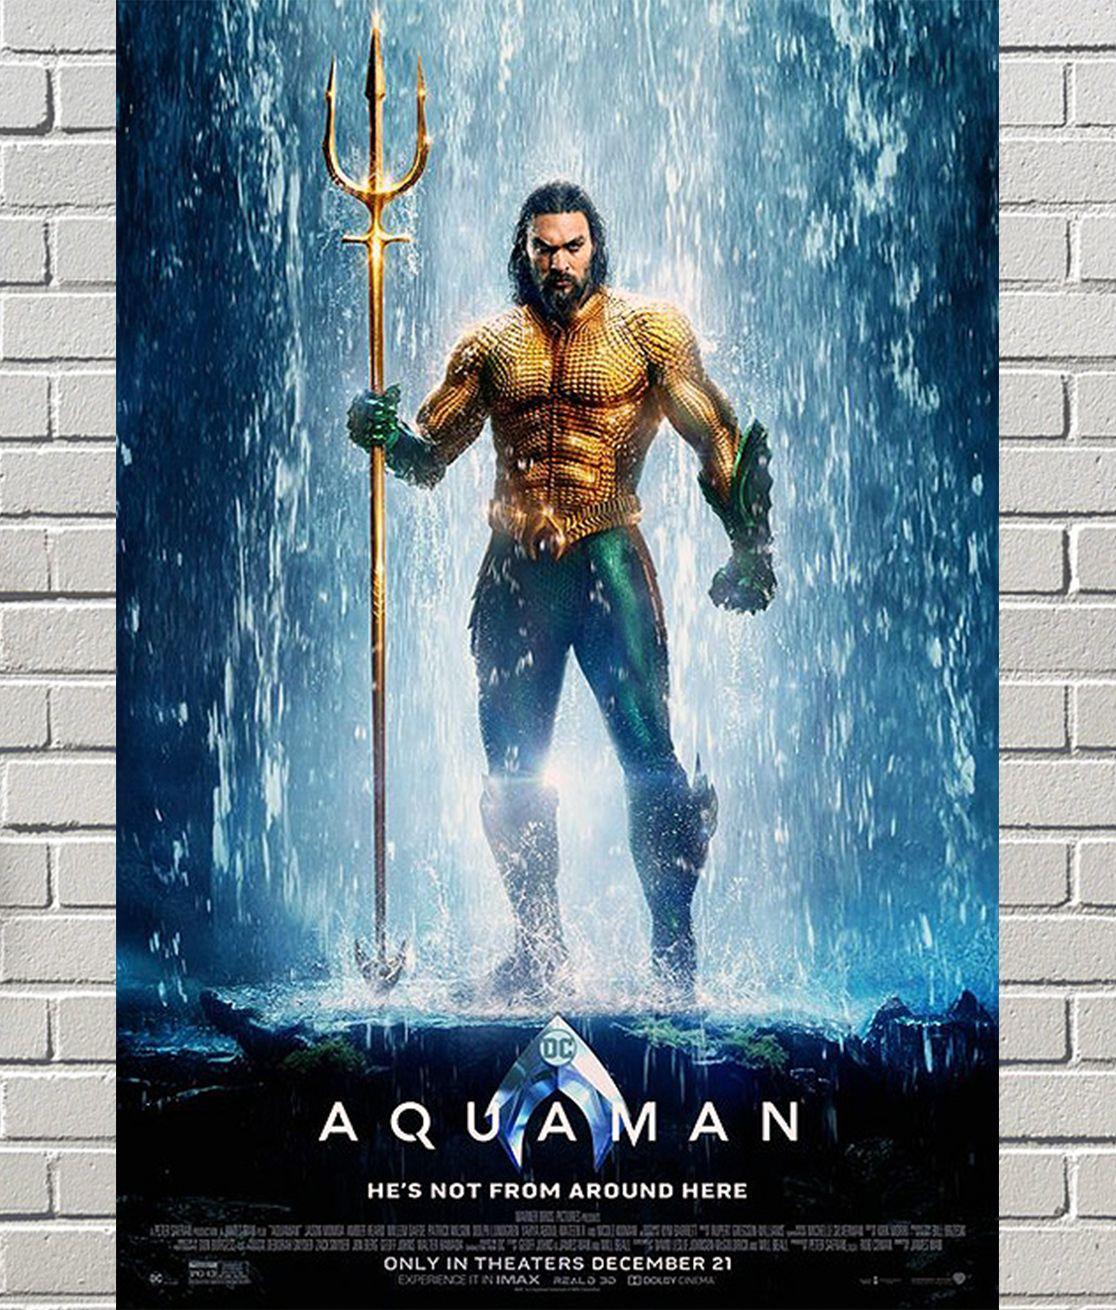 Original Jason Momoa Aquaman Movie Poster Aquaman Film Aquaman Aquaman 2018